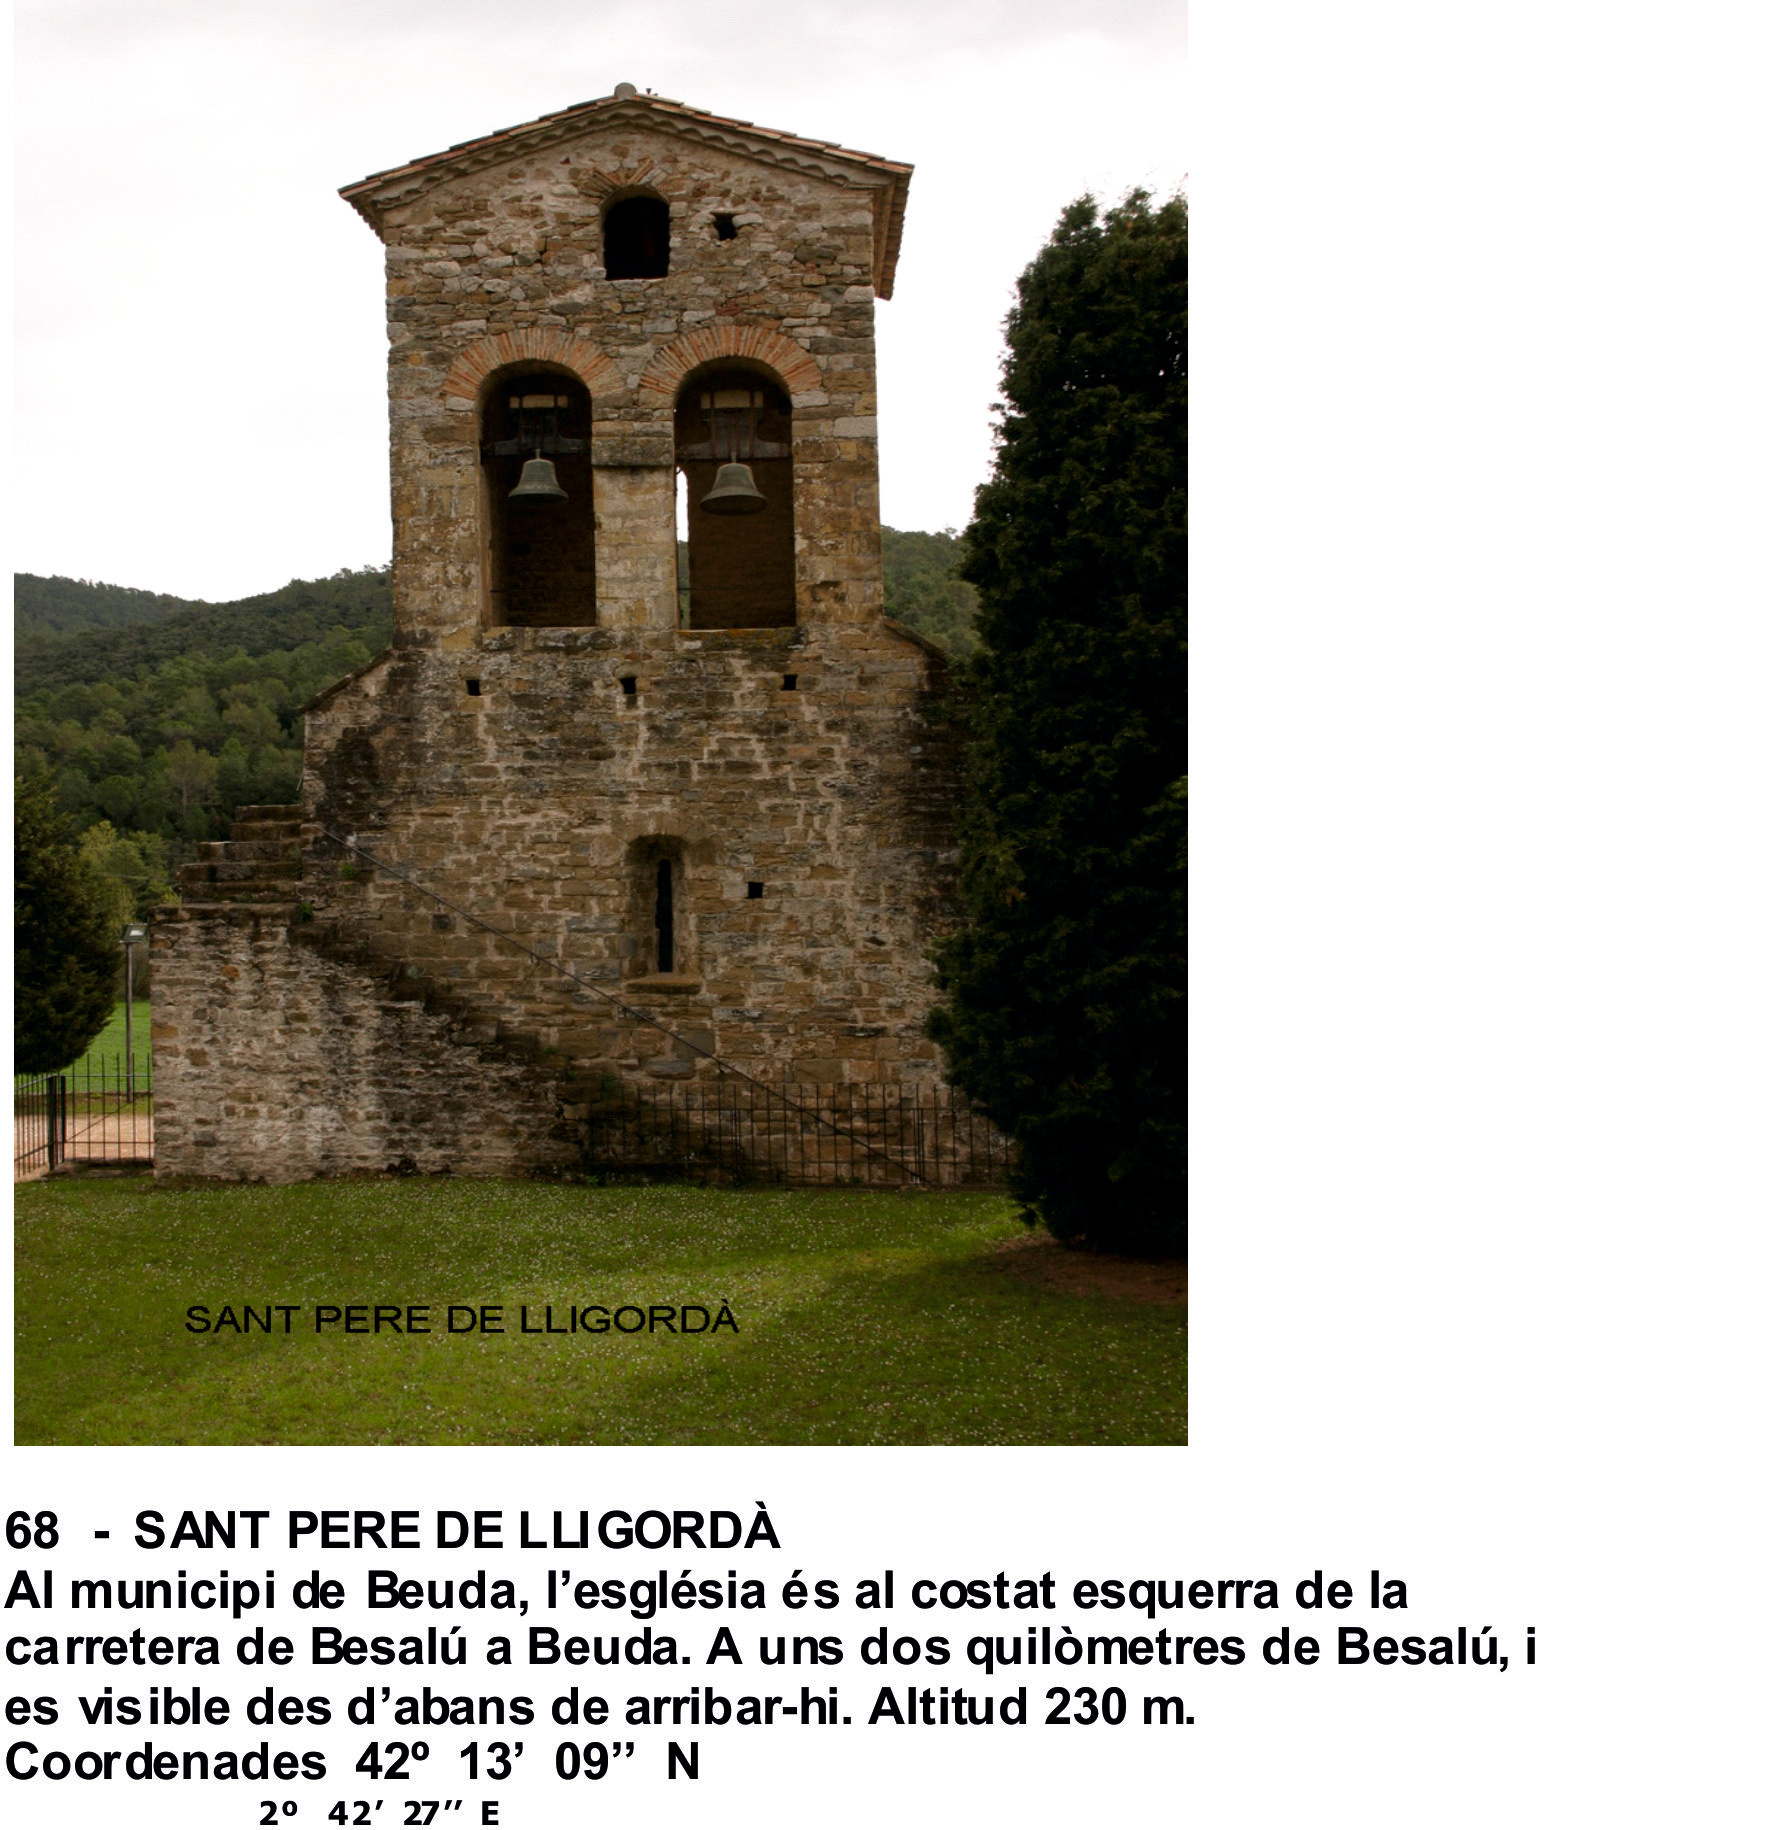 68__-__SANT_PERE_DE_LLIGORDÀ